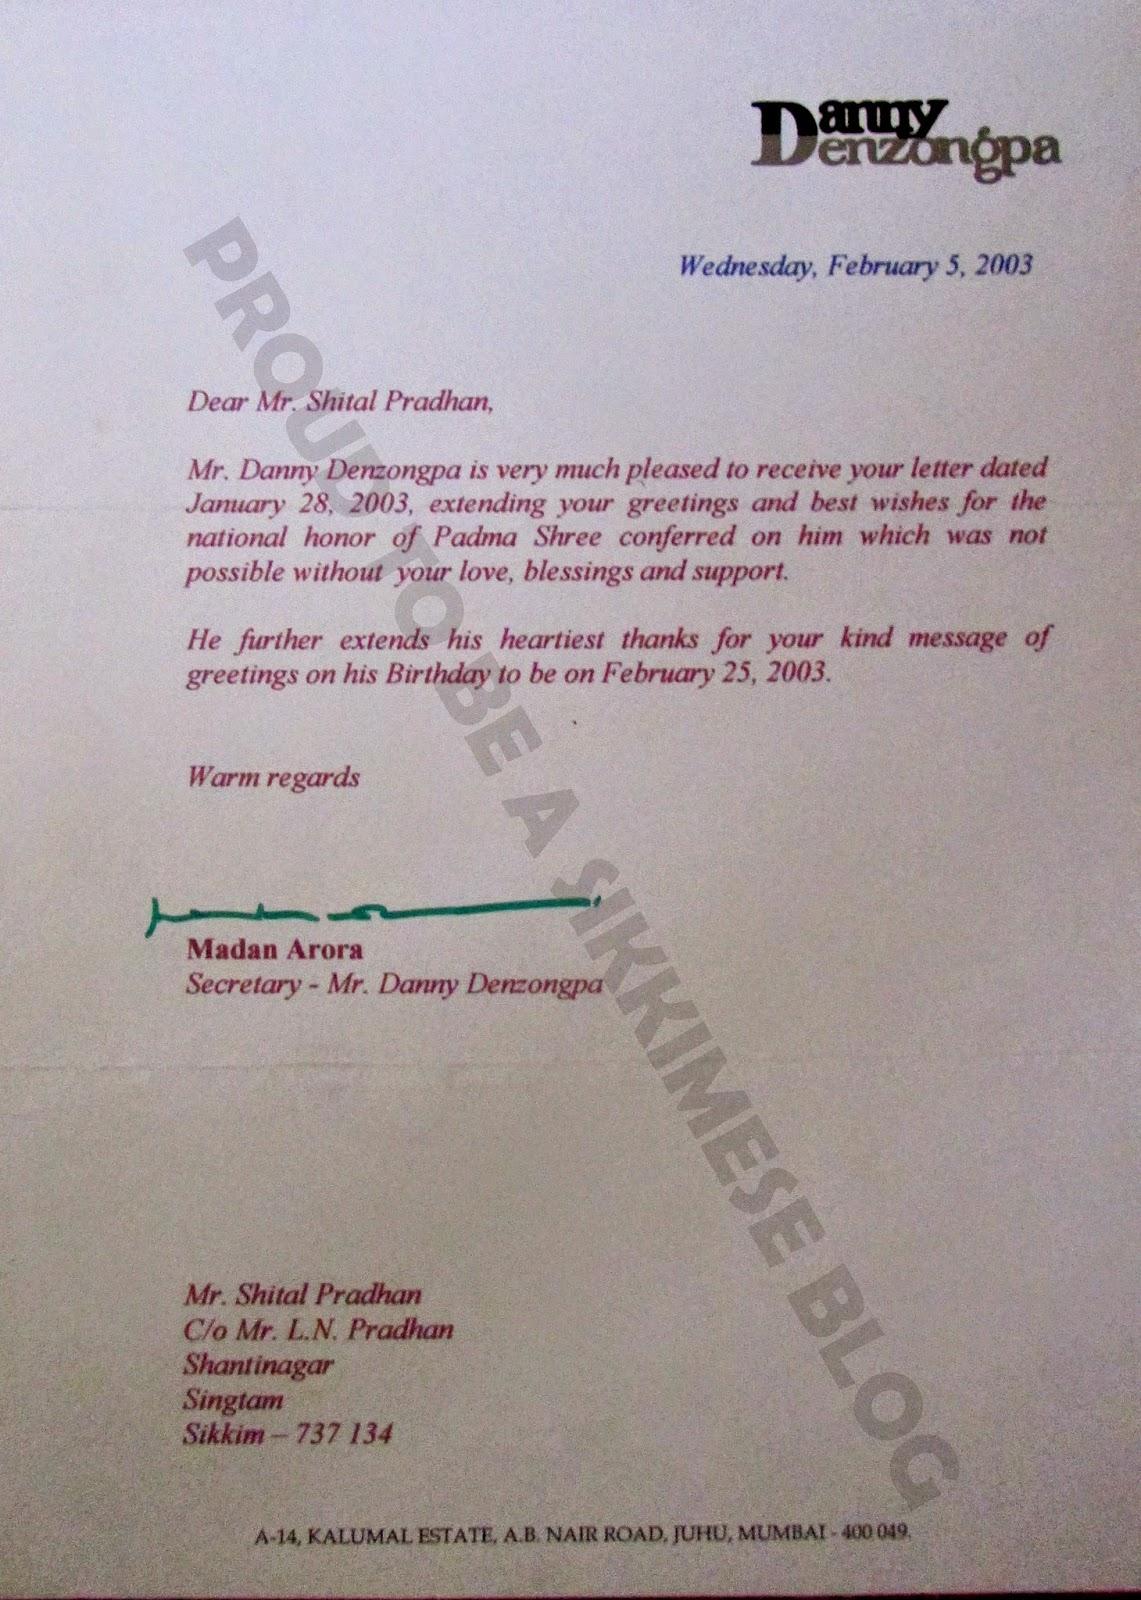 Danny Danzongpa's Secretary Madan Mohan Arora's letter send to me